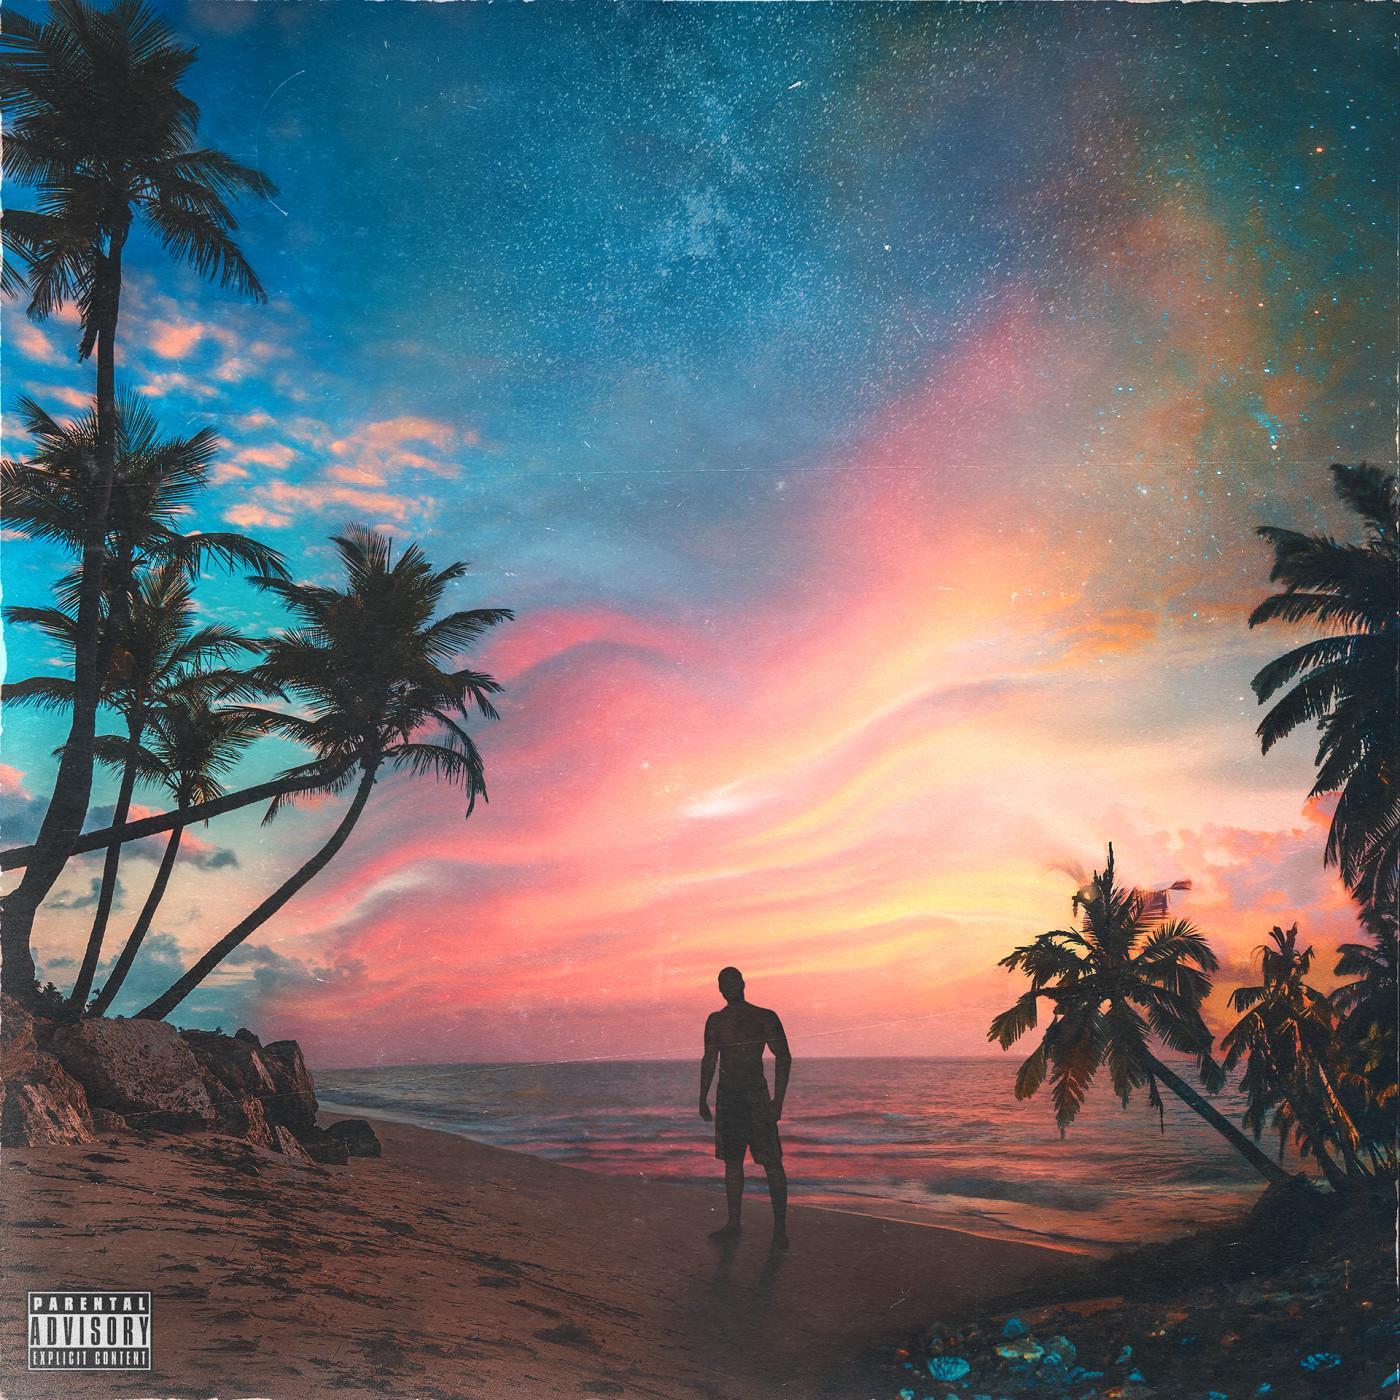 TroyBoi V!BEZ Vol. 4 cover